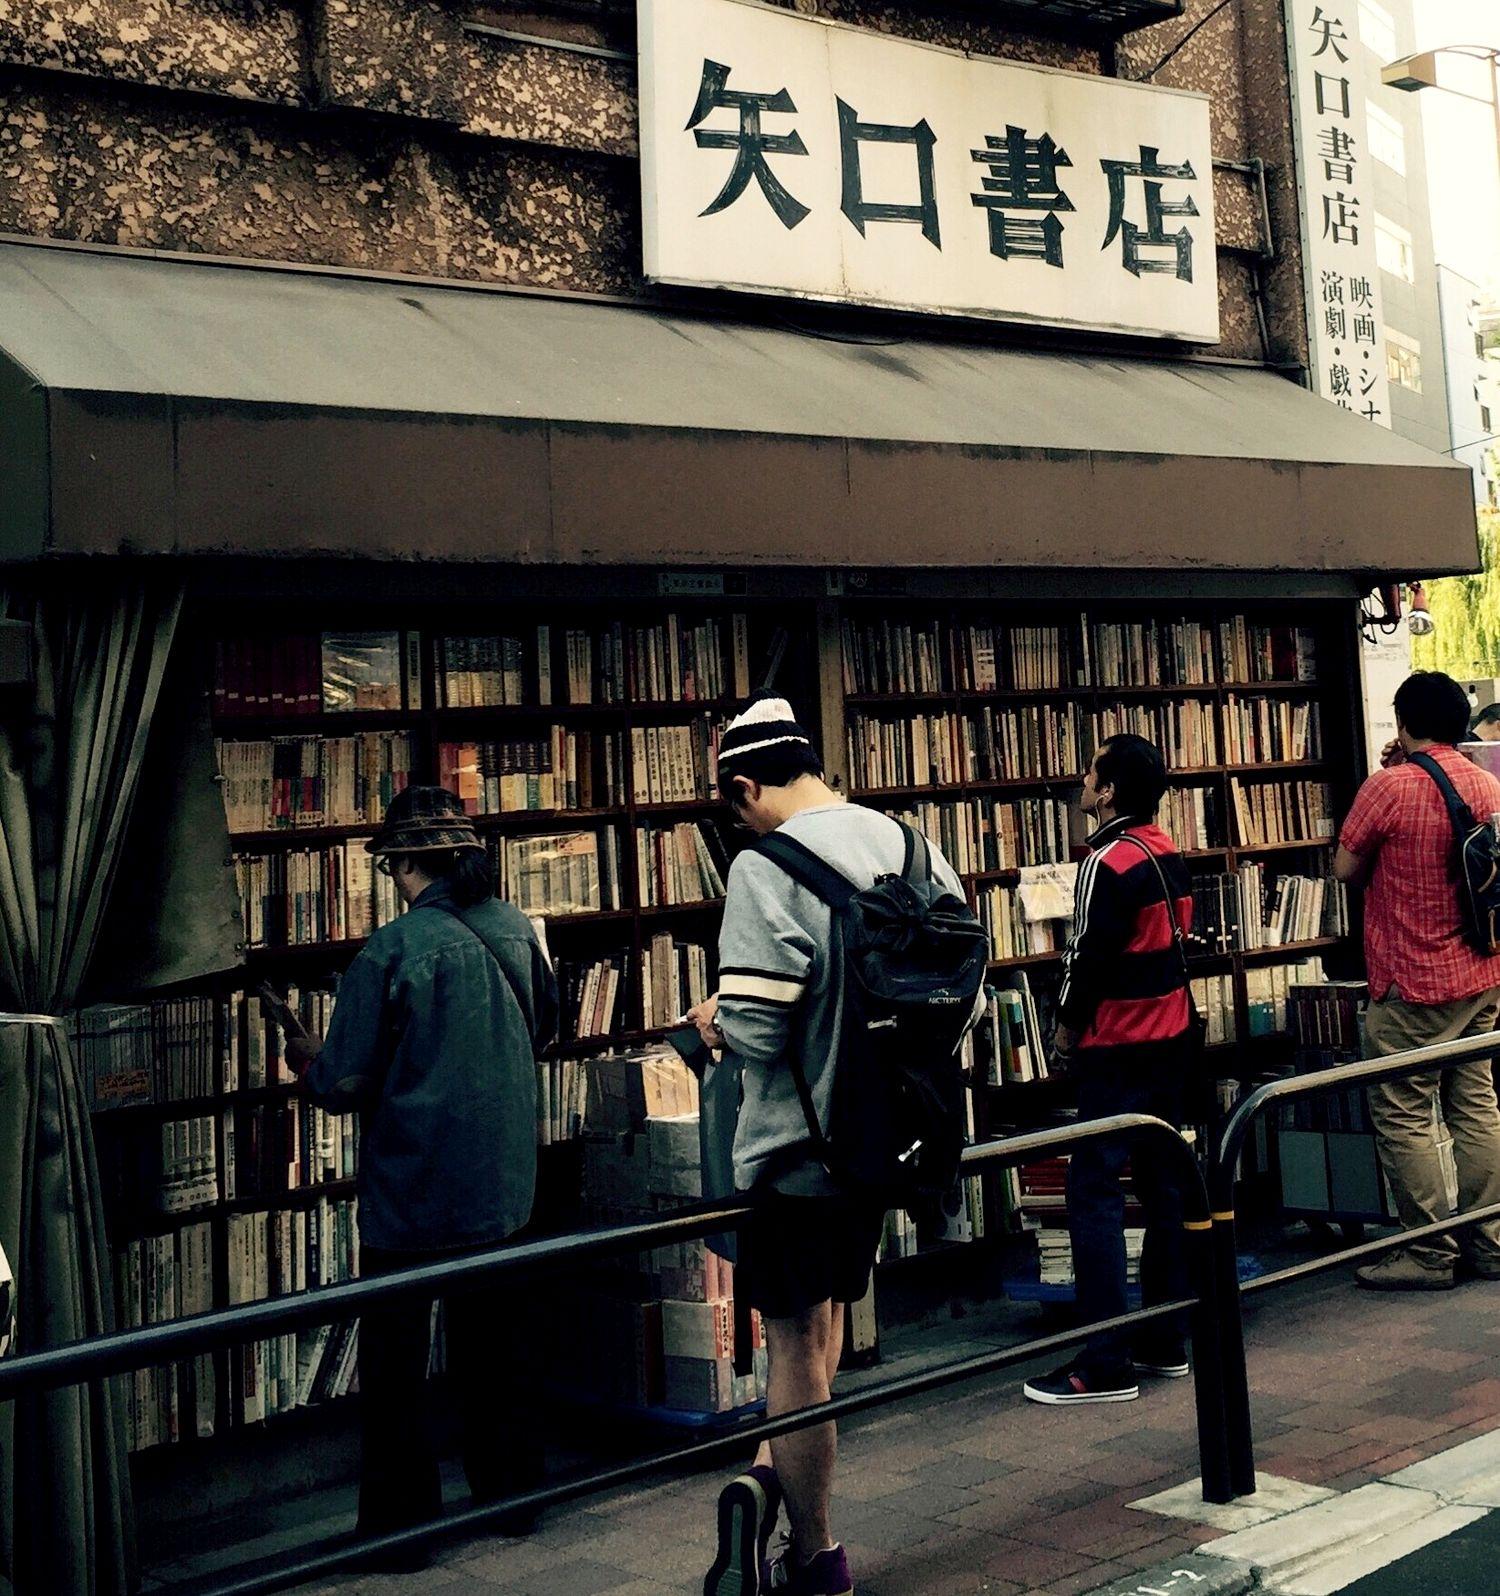 晴空下的書店,書與人之間最美的風景──東京神保町古書街的晴空‧書市